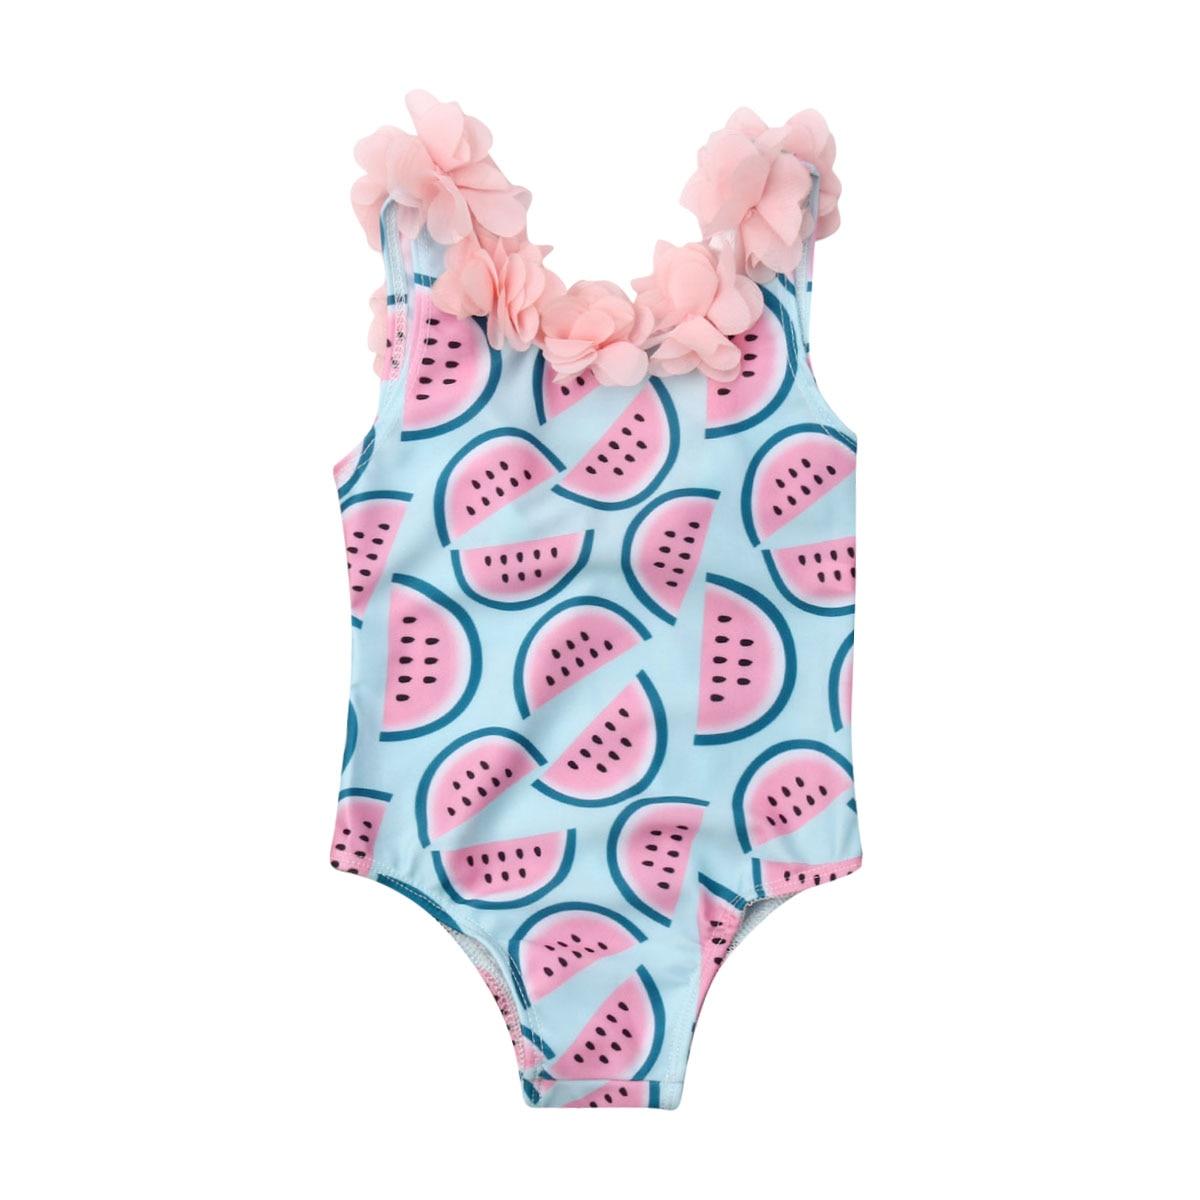 Pudcoco  Toddler Infant Baby Girls Watermelon Swimsuit Swimwear Swimming Bikini